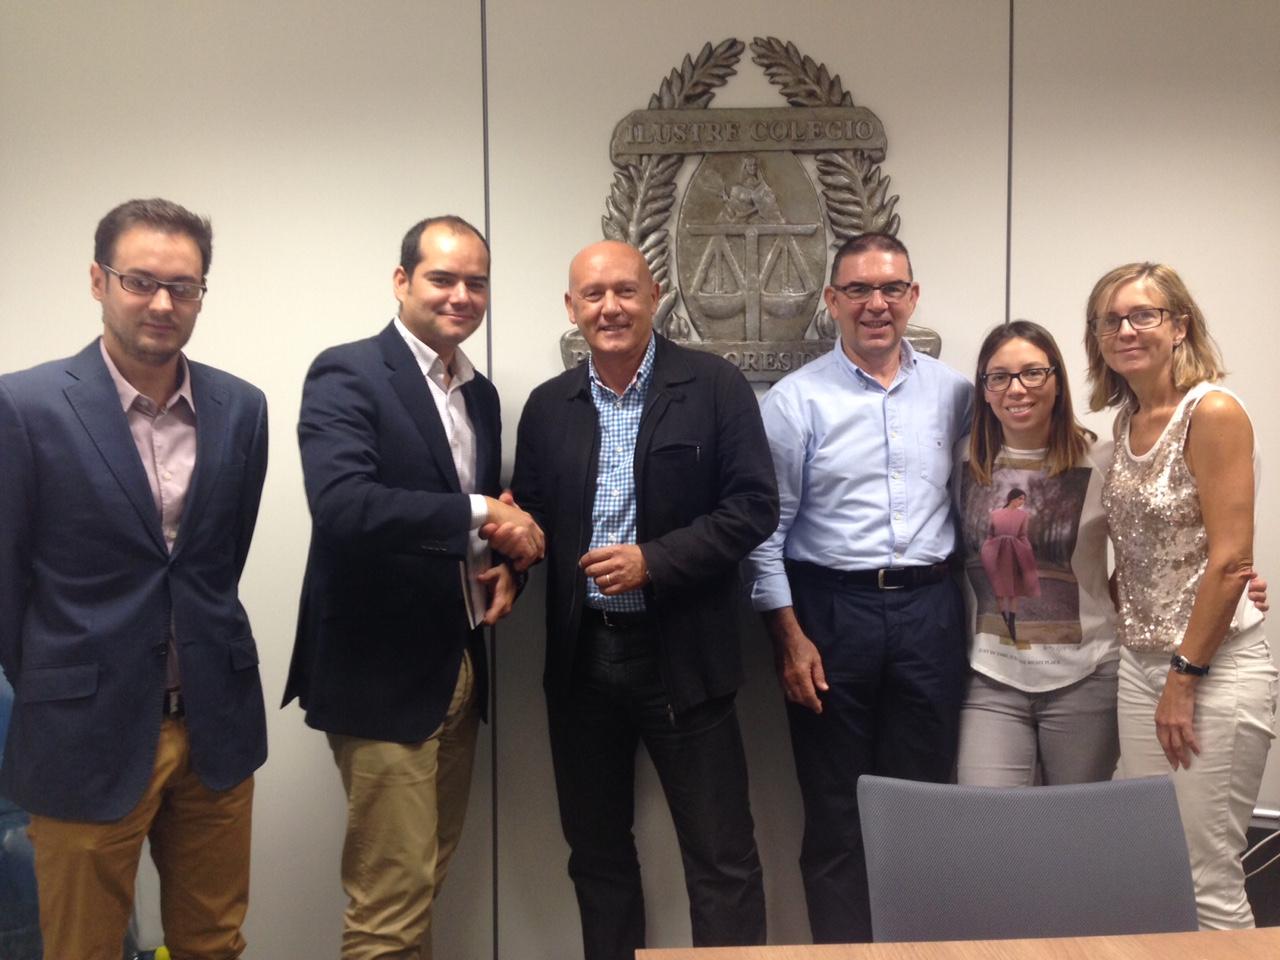 Firma de convenio entre Legitec y el colegio de procuradores de alicante para colaboración en protección de datos y destrucción confidencial de documentación